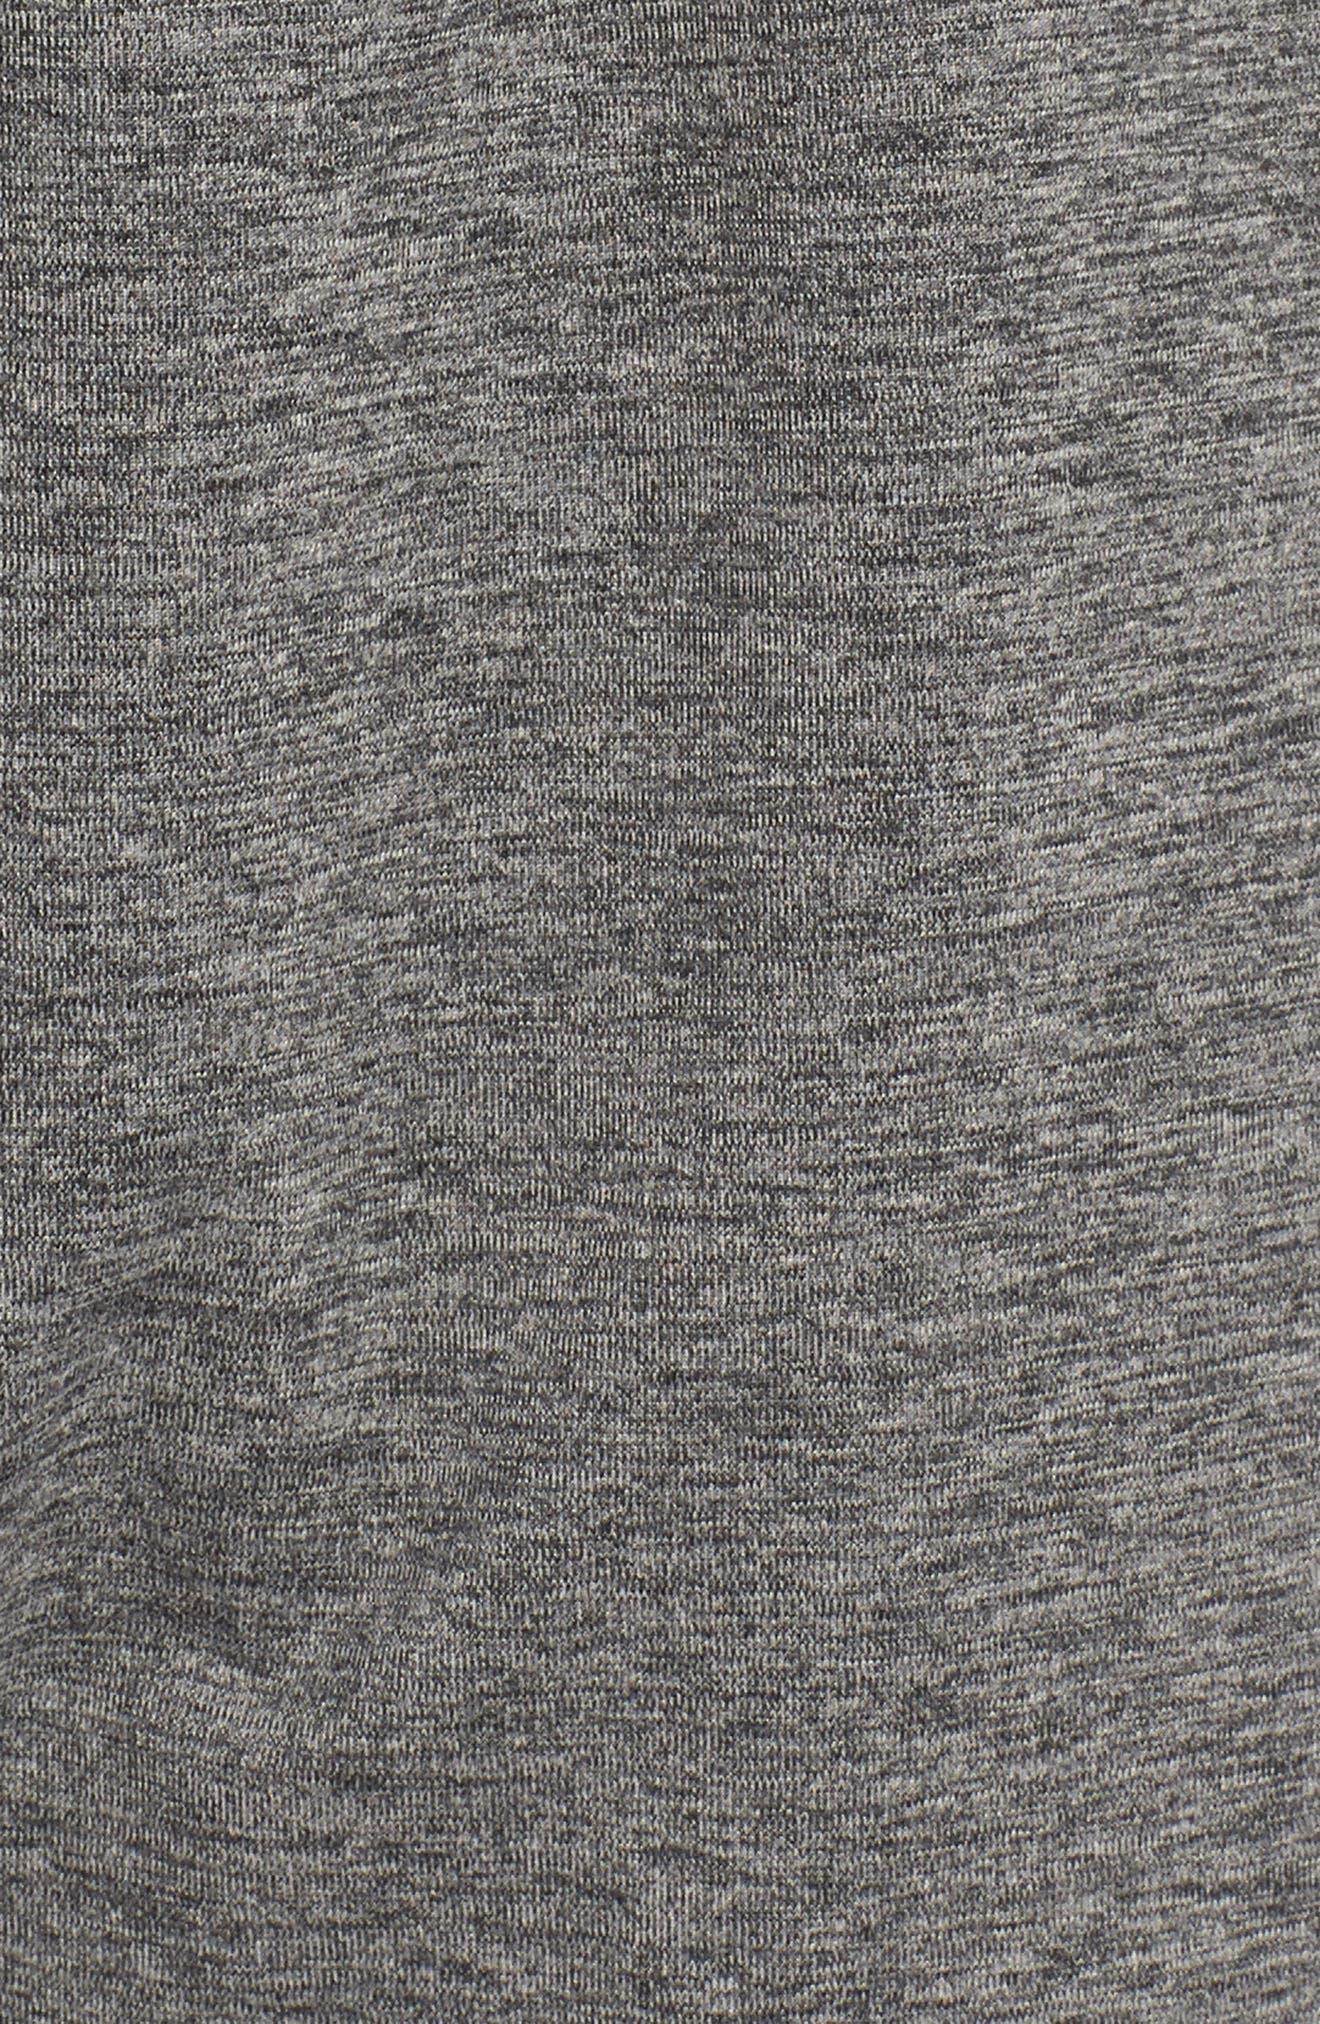 ,                             Transcend Dry Yoga Training Pants,                             Alternate thumbnail 6, color,                             BLACK/ HEATHER/ BLACK